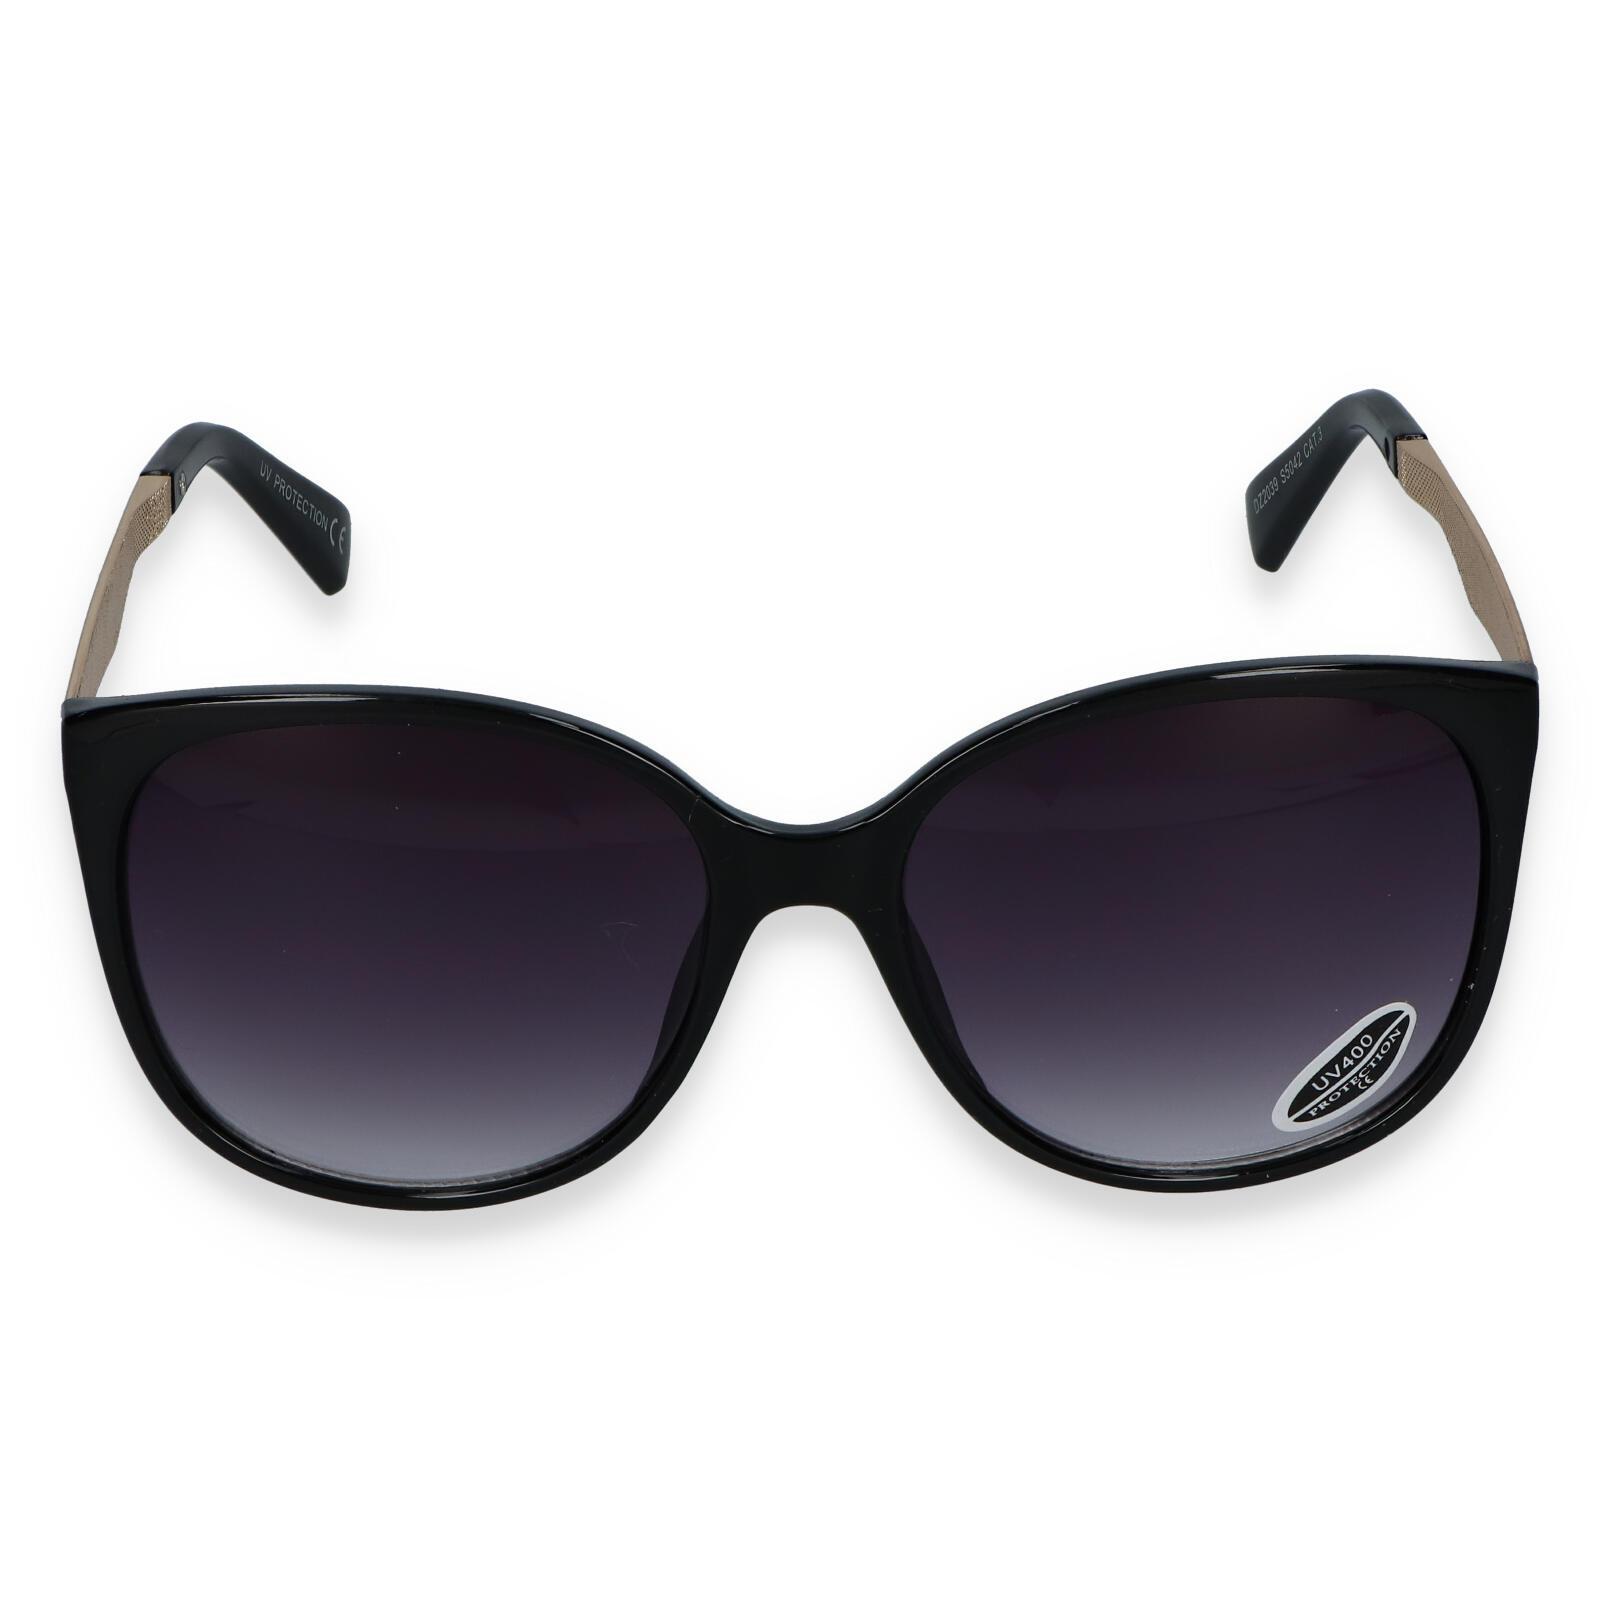 Dámske slnečné okuliare čierne - S2405